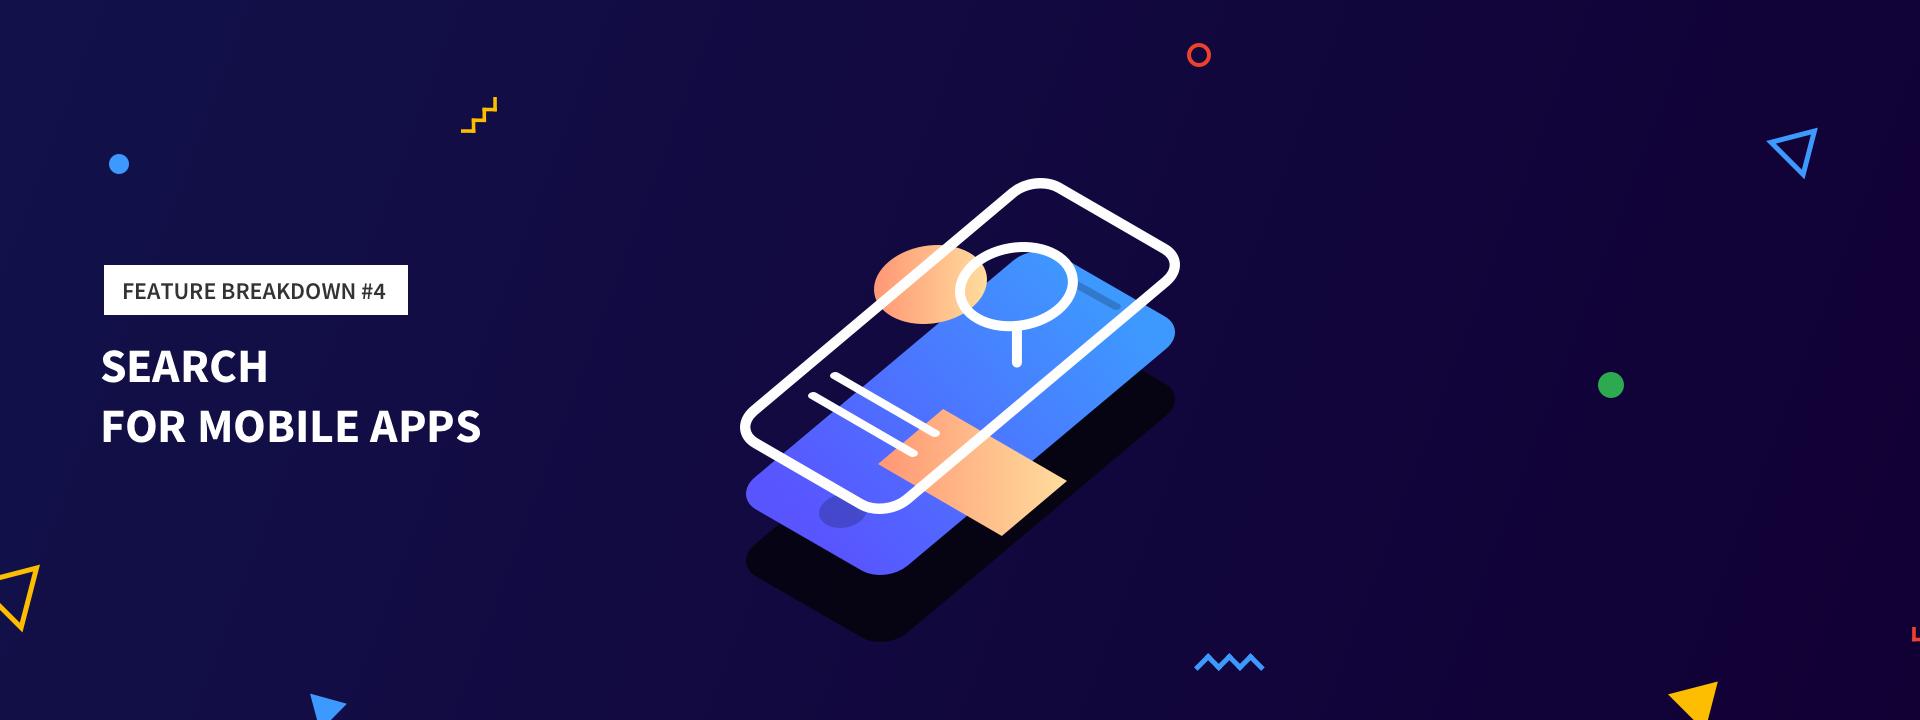 Дизайн поиска в мобильных приложениях